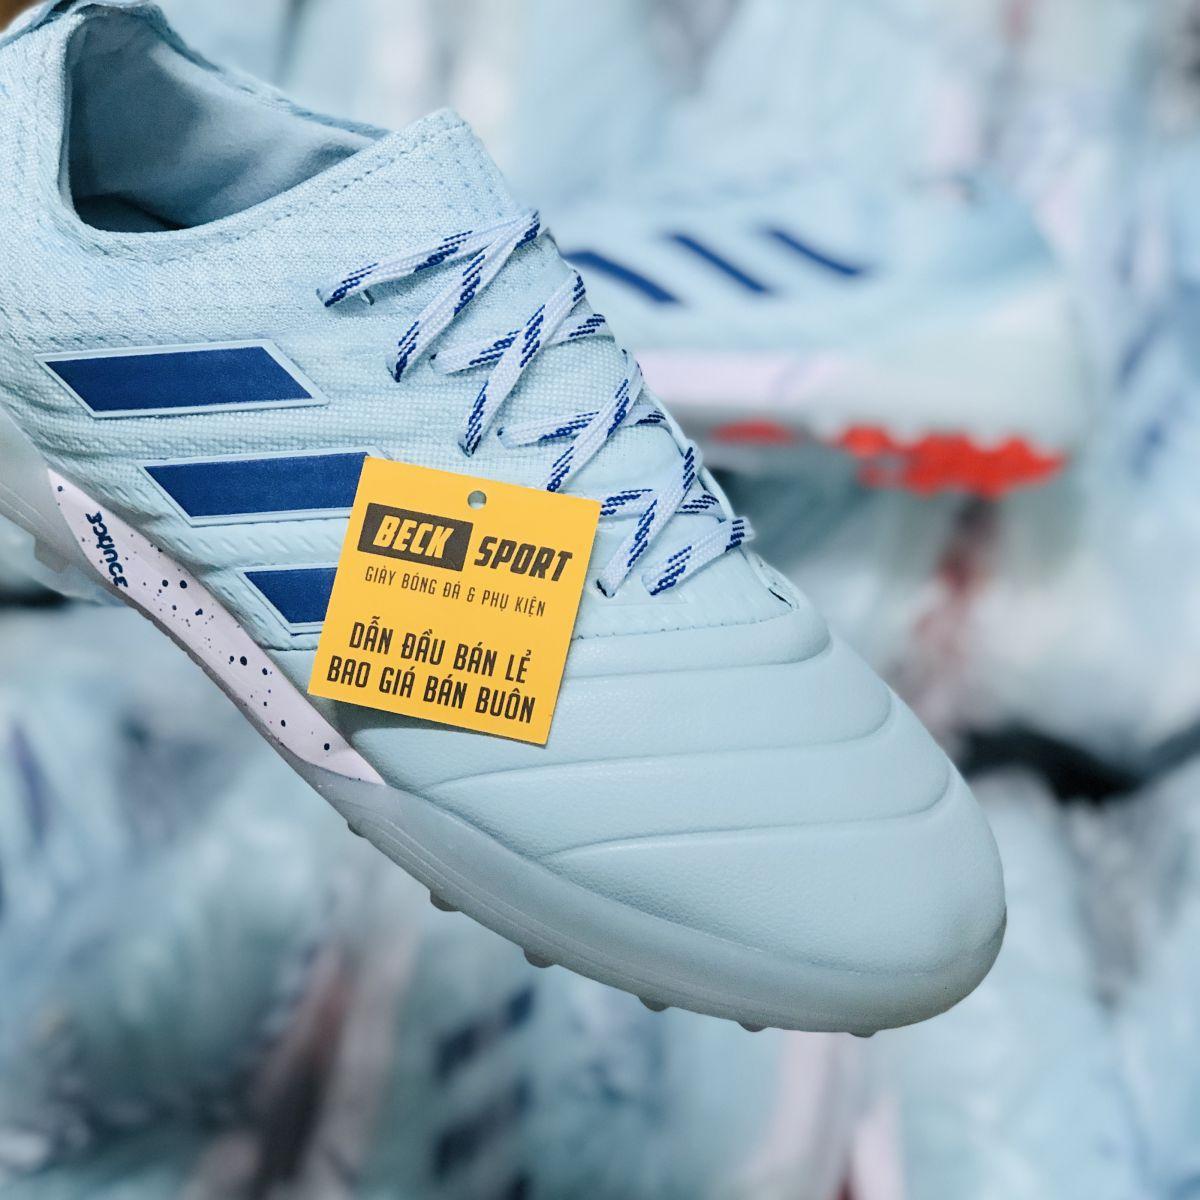 Giày Bóng Đá Adidas Copa 20.1 Xanh Ngọc TF